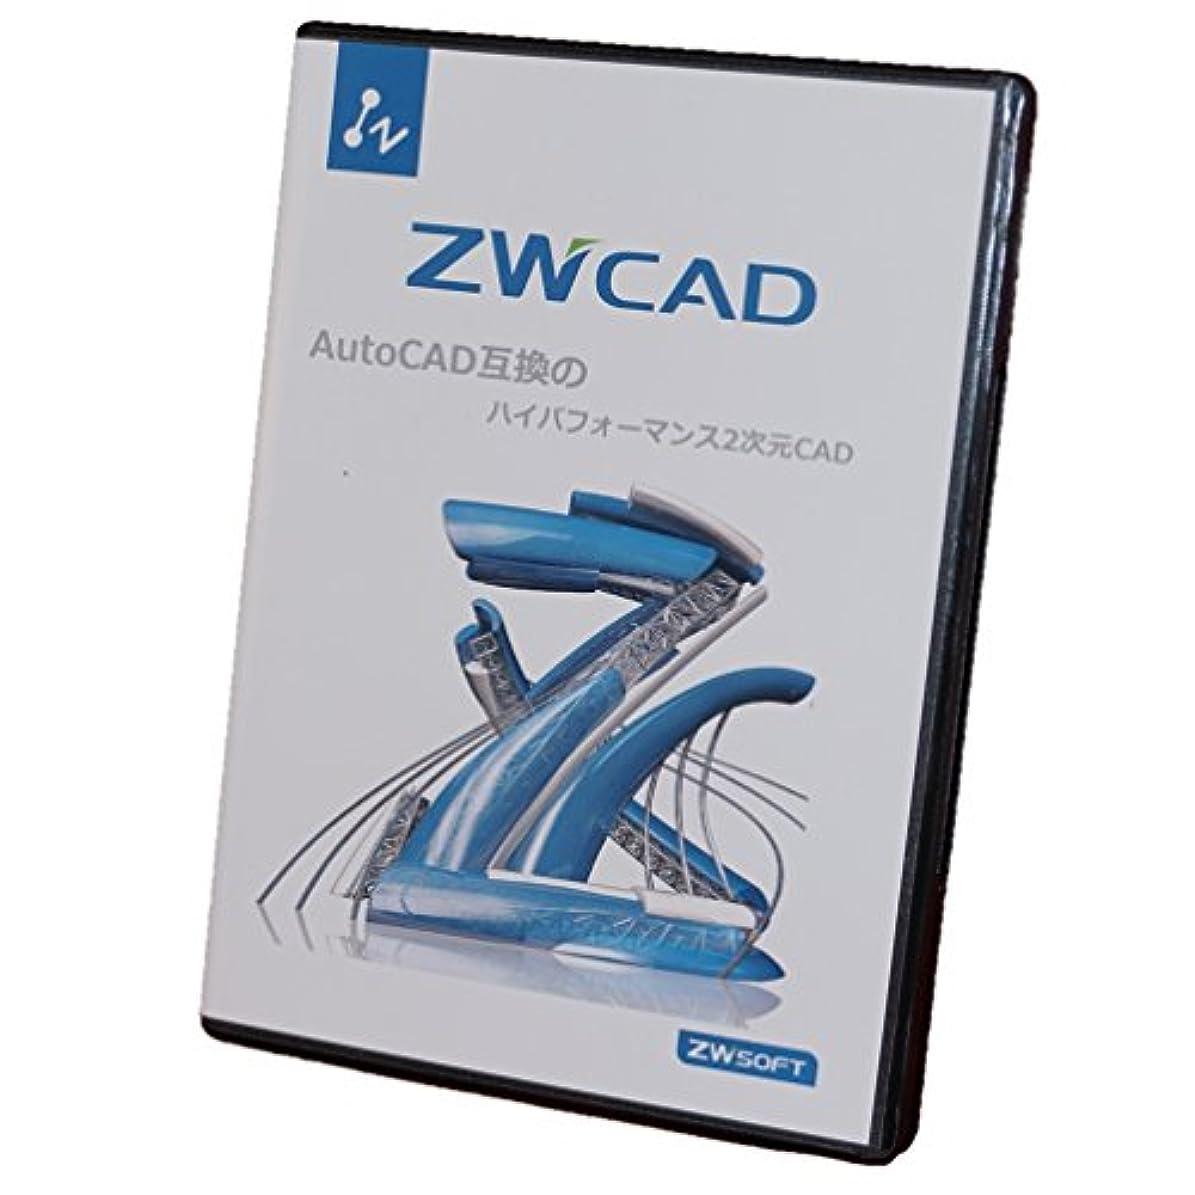 どうやってティッシュ組ZWCAD Pro 2.5D CADソフト(3Dモデリング機能搭載) DWG/DXF 図面作成ソフト クラシックメニュー リボンメニュー対応